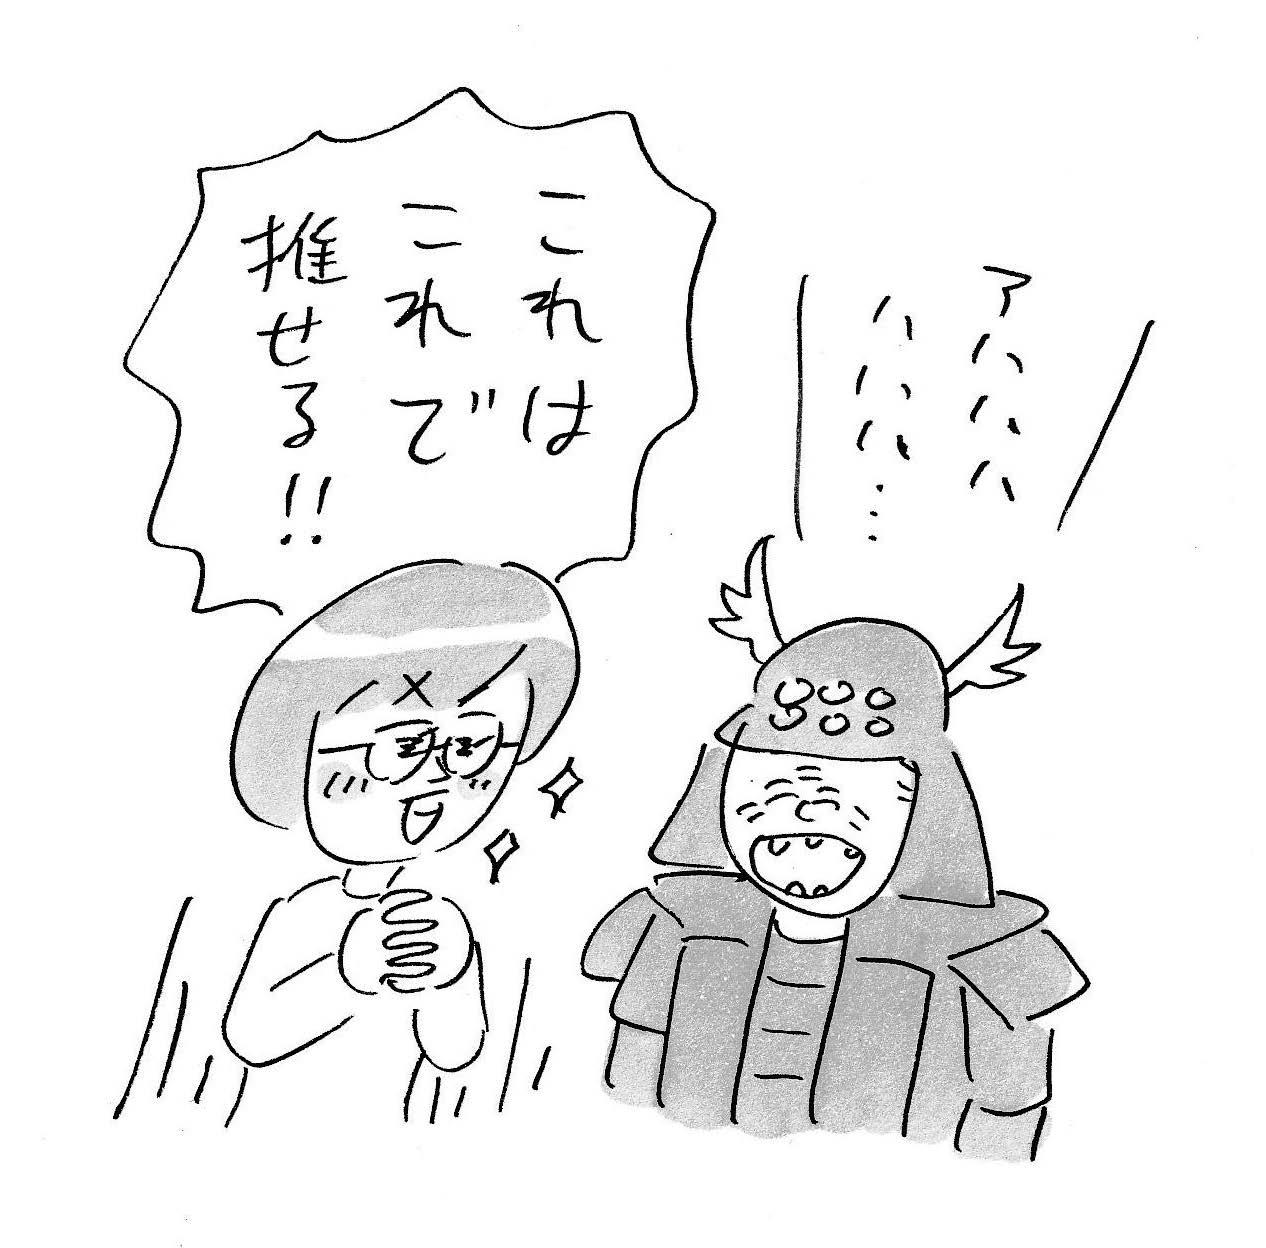 【日本史豆知識】驚異的な戦果!...でも大坂の役の真田幸村は歯がボロボロのシニアだった?